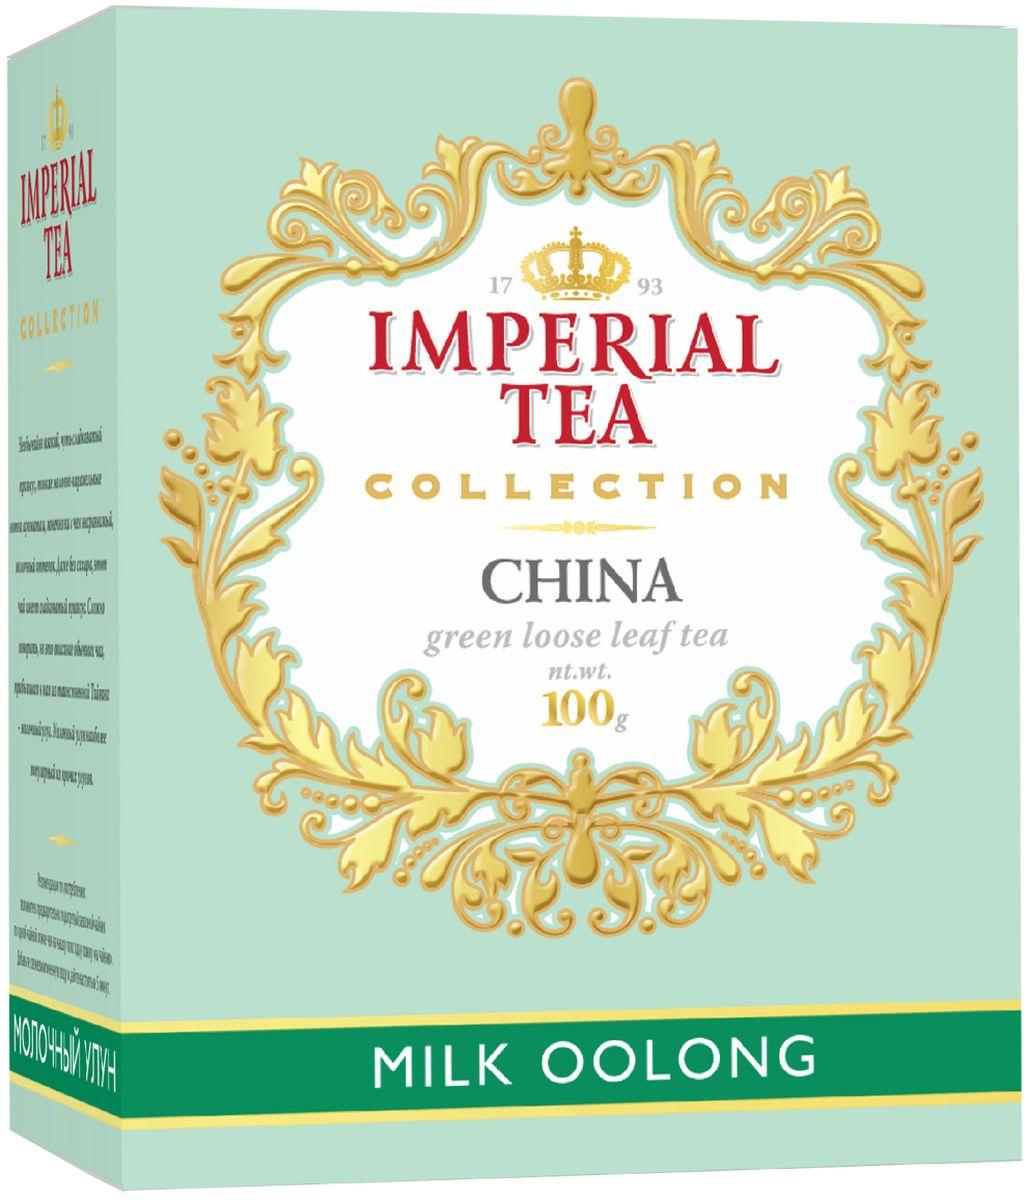 Императорский чай Collection Молочный Улун, 100 г50-236Необычайно мягкий, чуть сладковатый привкус, тонкие молочно-карамельные нотки аромата и, конечно ни с чем несравнимый молочный оттенок. Даже без сахара, этот чай имеет сладковатый привкус.